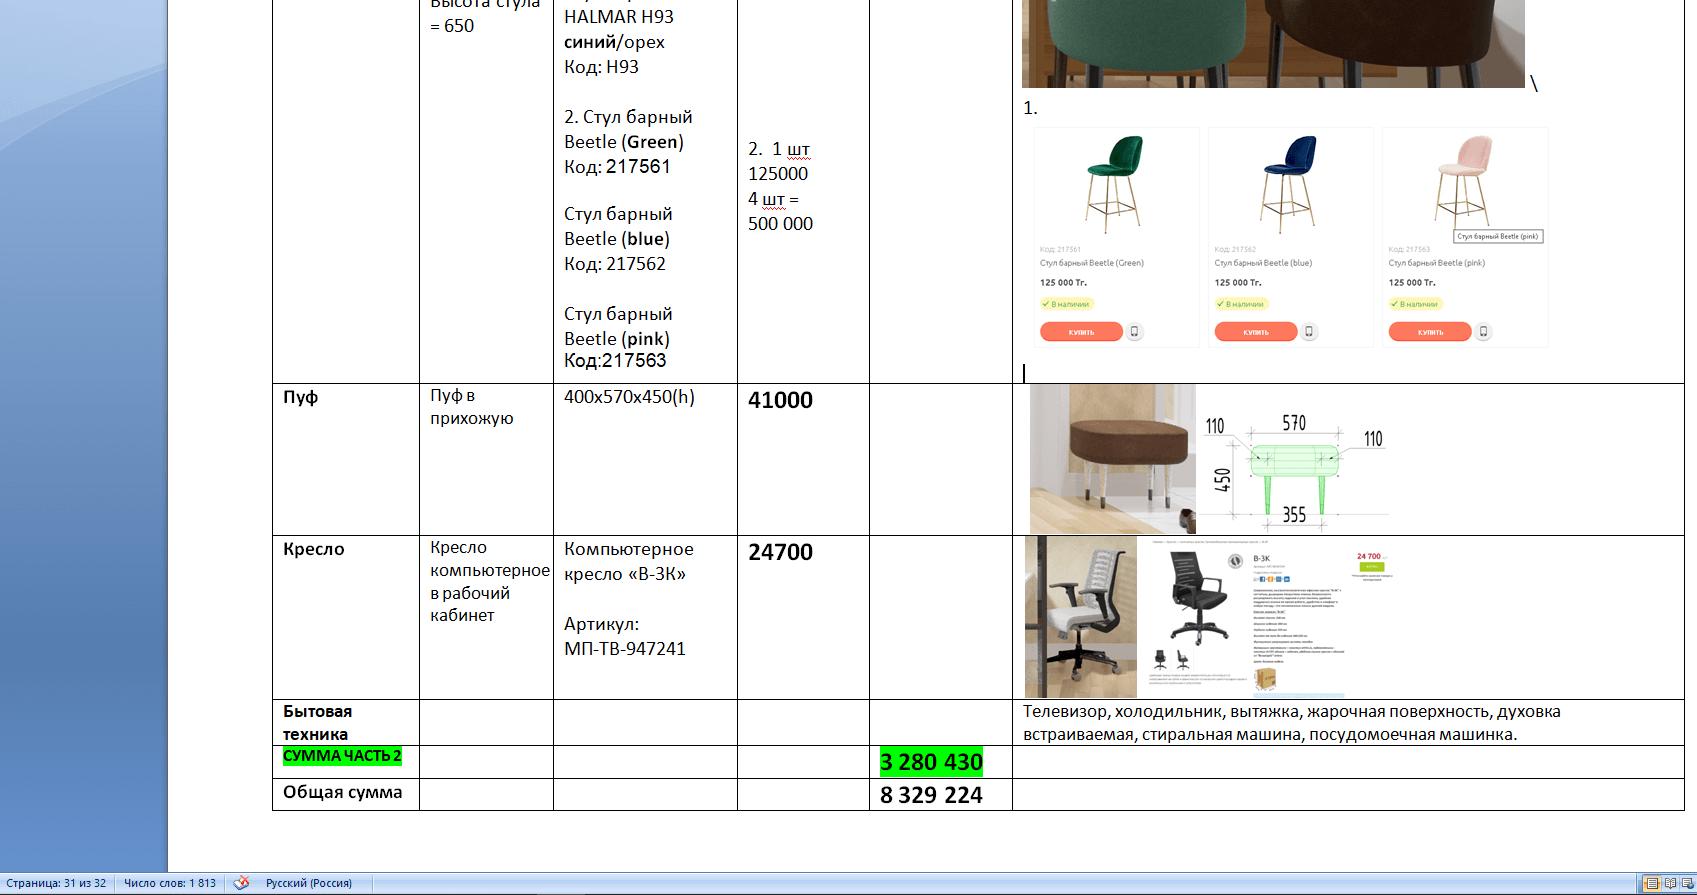 пример комплектации кк дизайн проекту материалов и оборудования